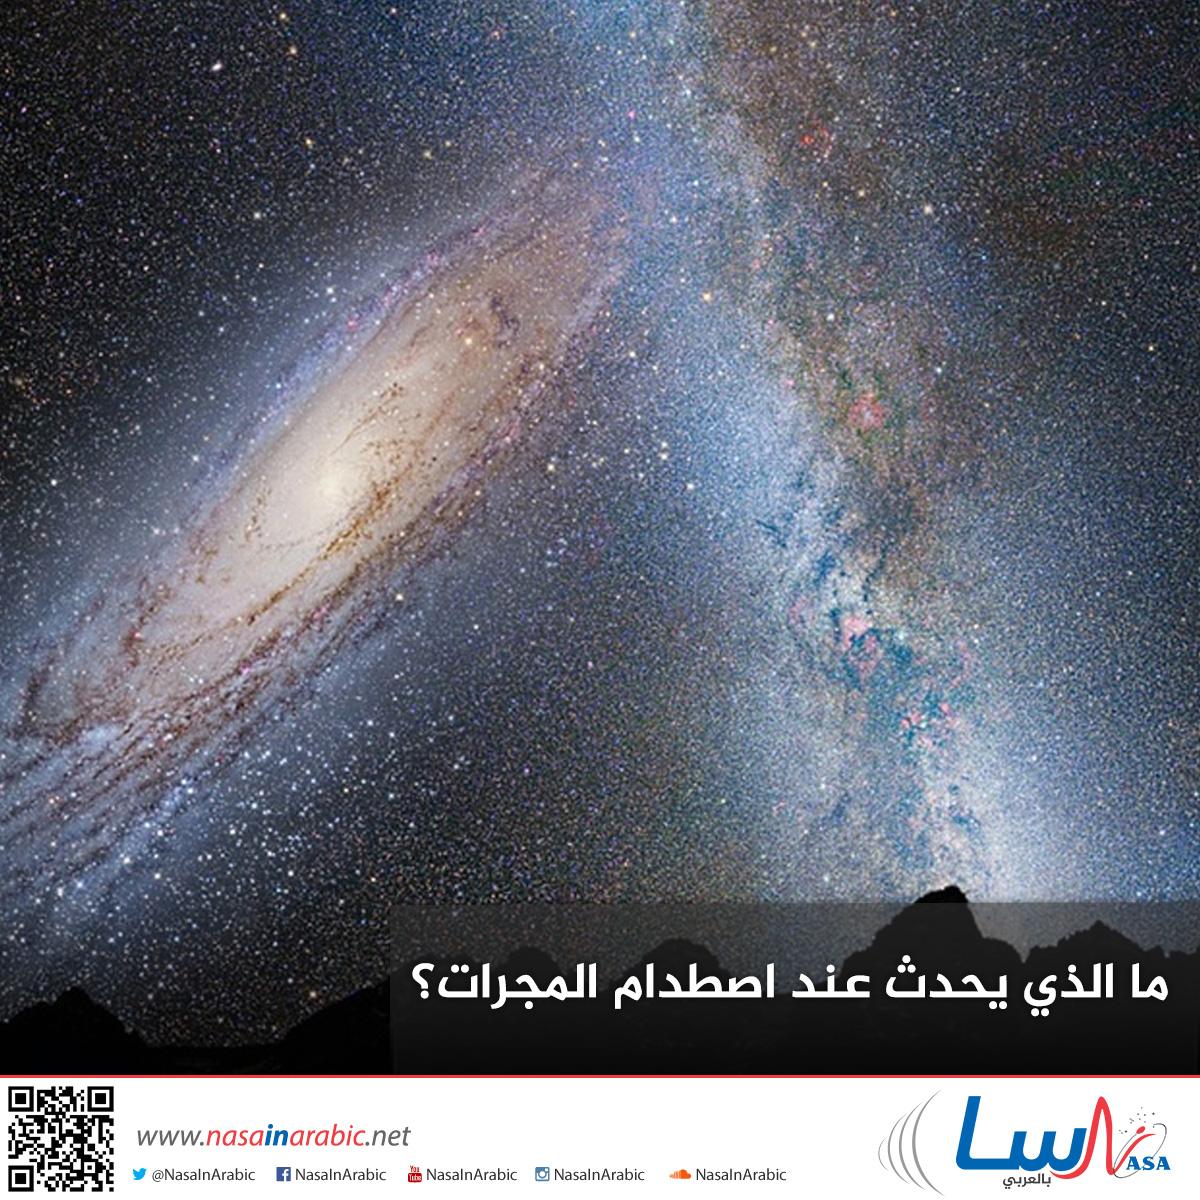 ما الذي يحدث عند اصطدام المجرات؟